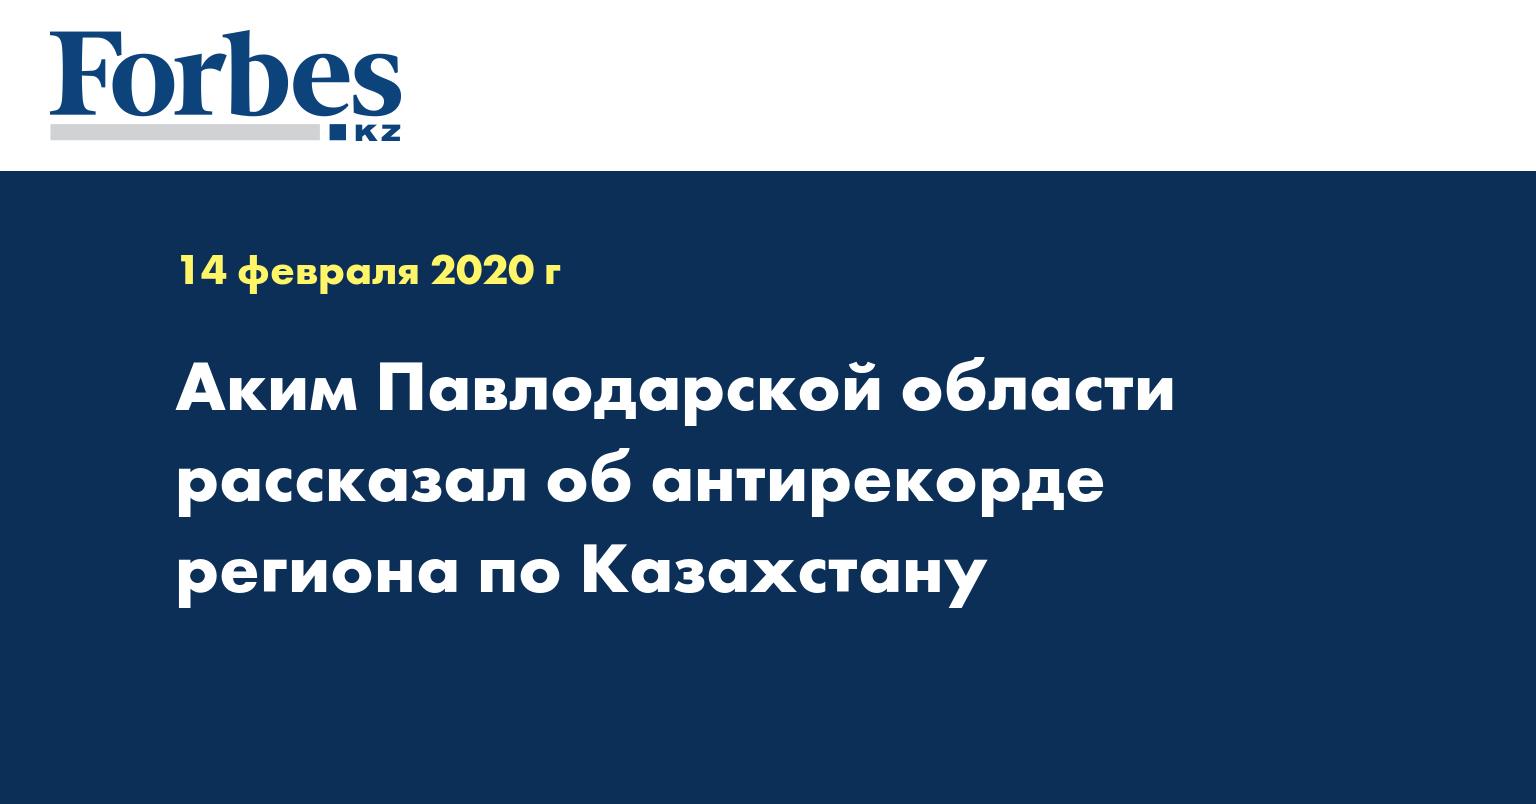 Аким Павлодарской области рассказал об антирекорде региона по Казахстану